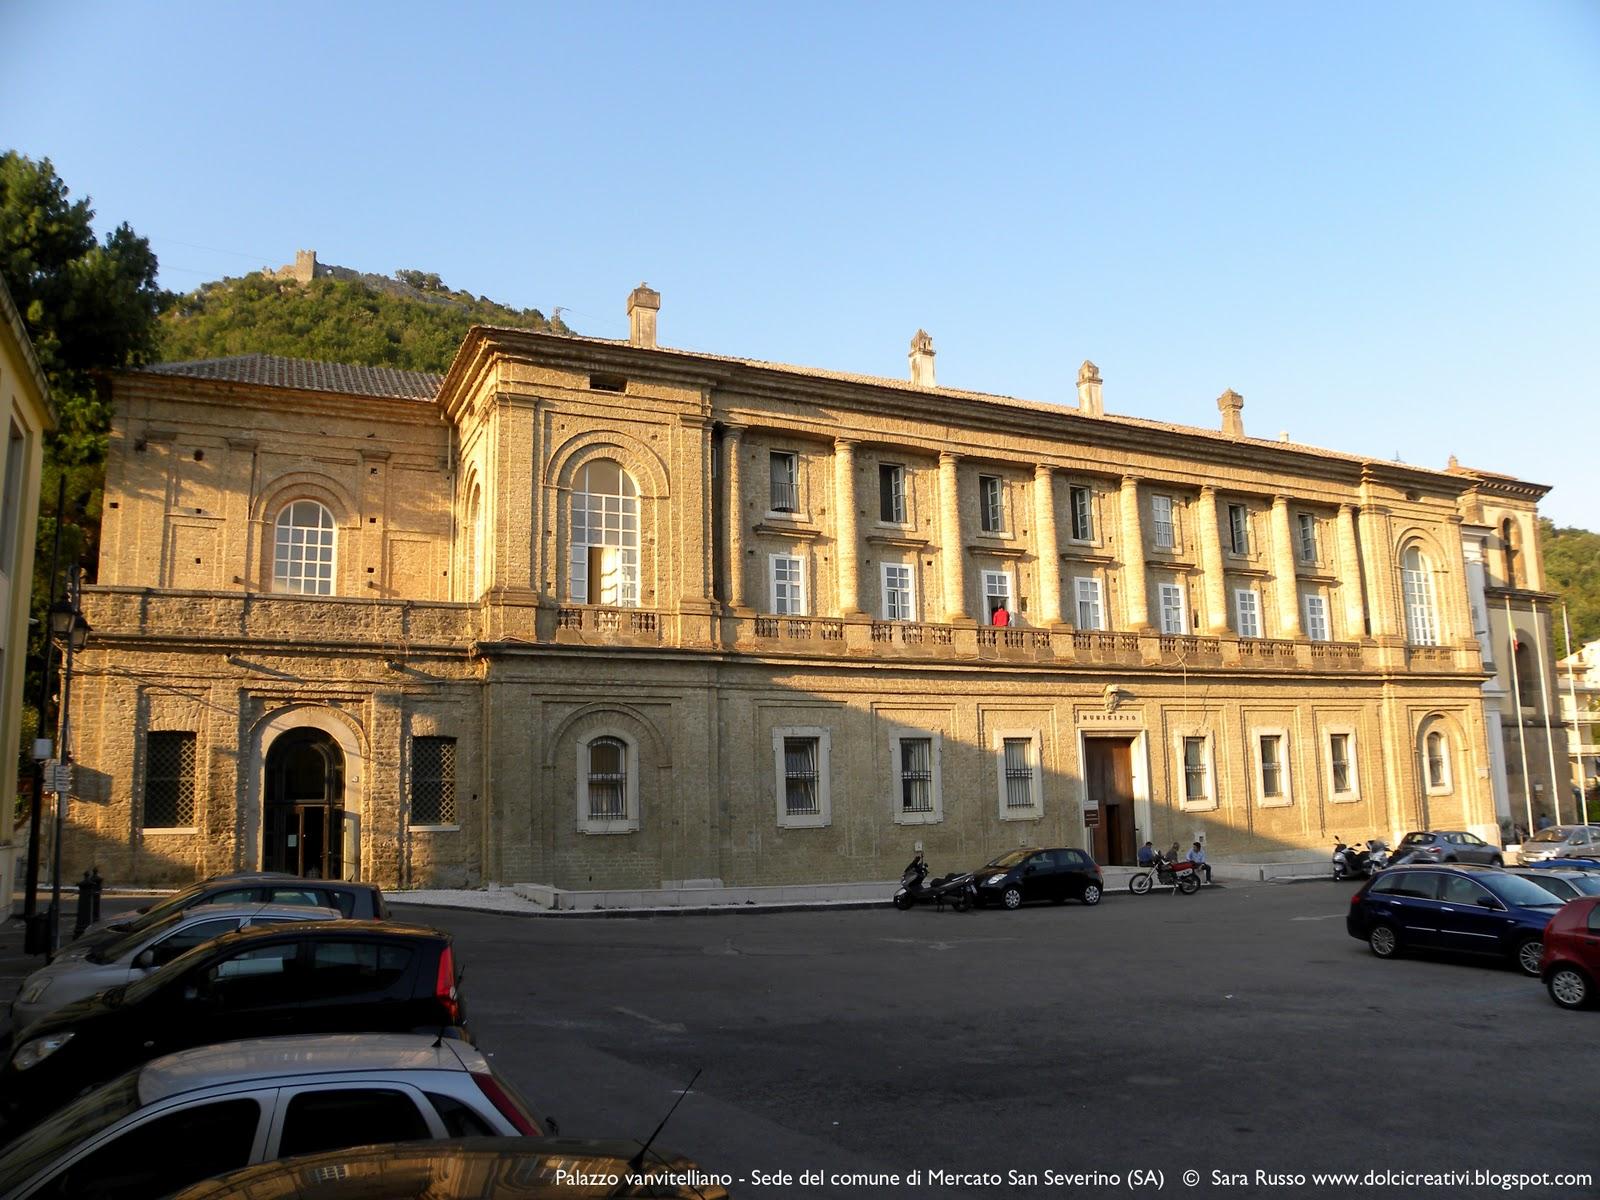 palazzo-vanvitelliano-mercato-san-severino-Sa